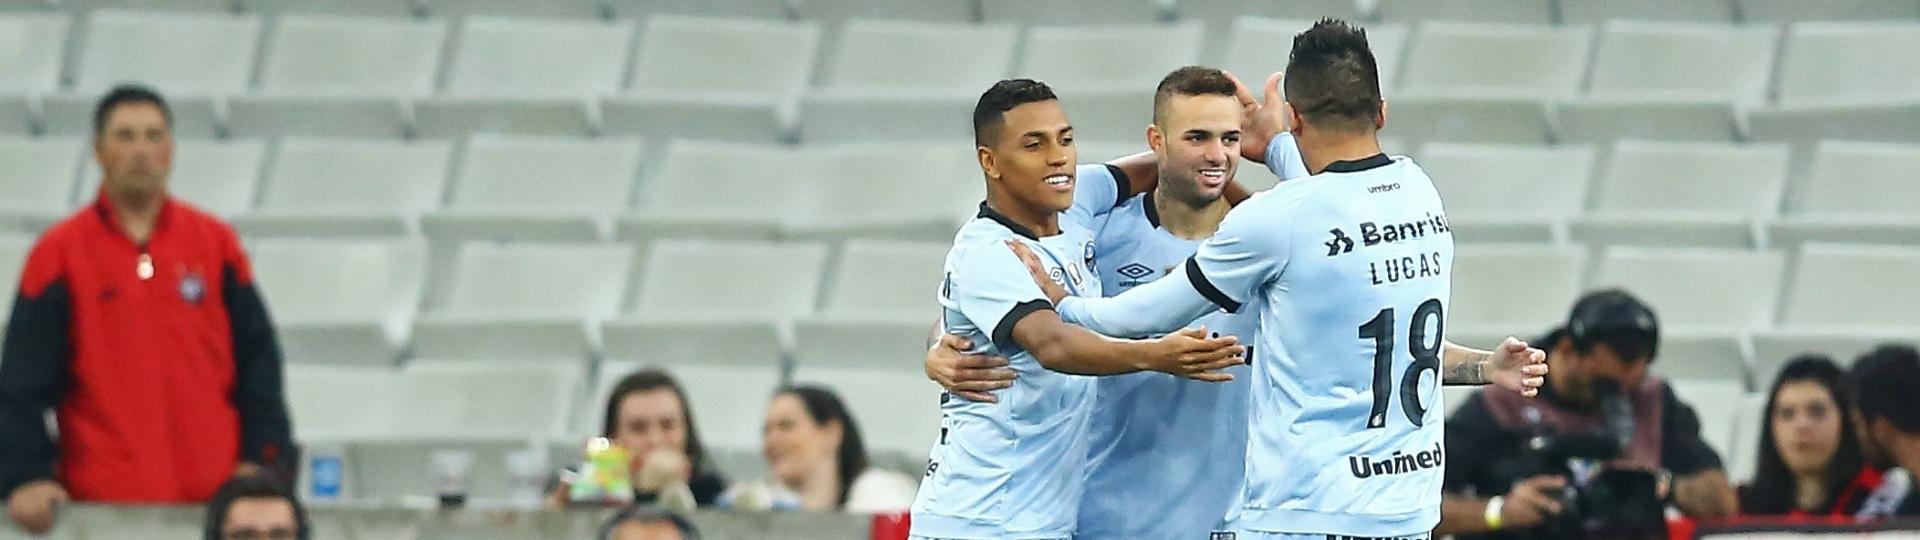 Luan comemora gol do Grêmio com companheiros